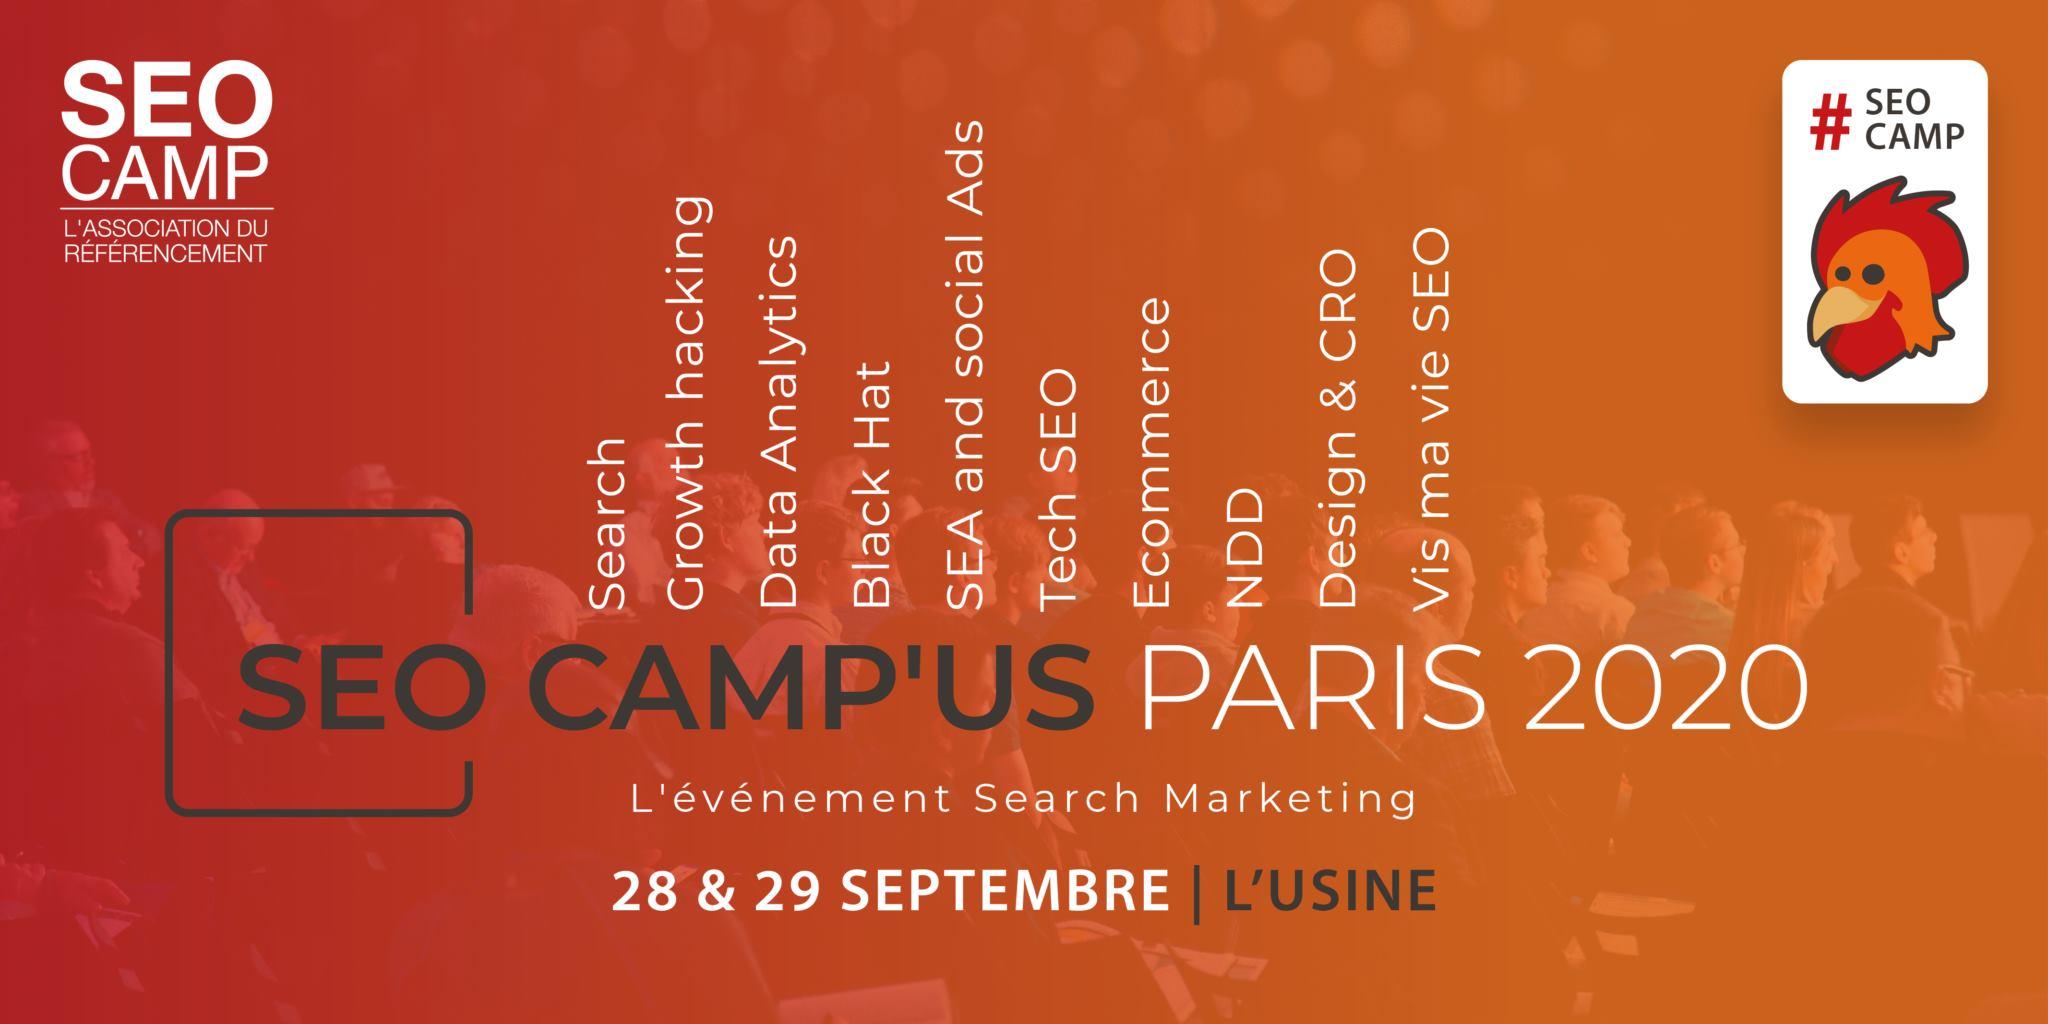 SEO Camp'us Paris 2020 : Les nouveautés en référencement naturel